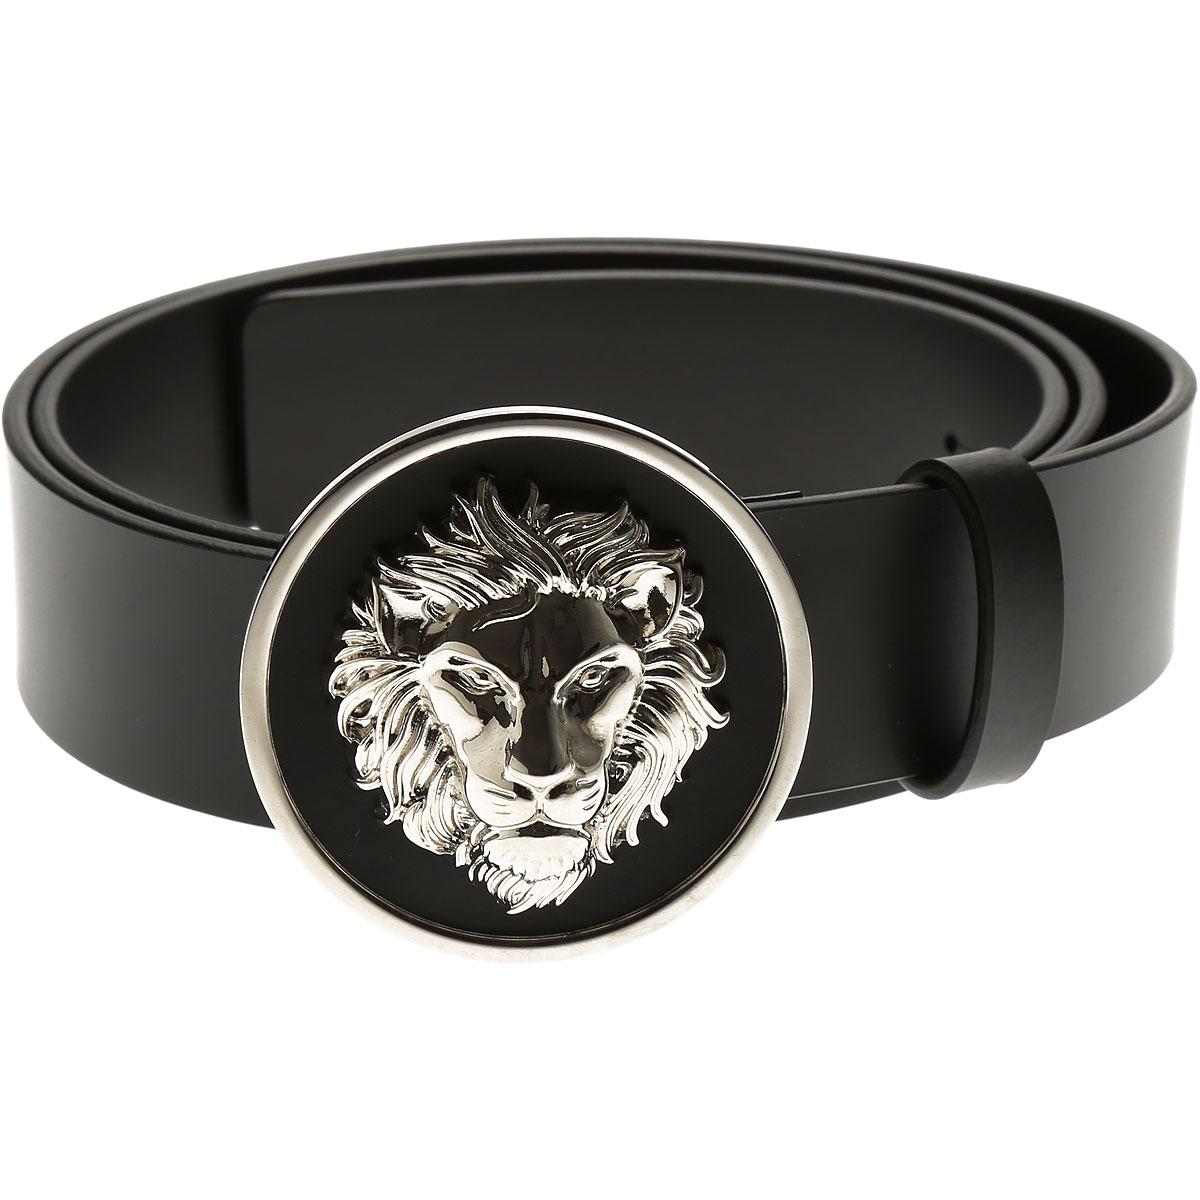 74061694c Mens Belts Gianni Versace, Style code: fcu0076-fcu0-f460n